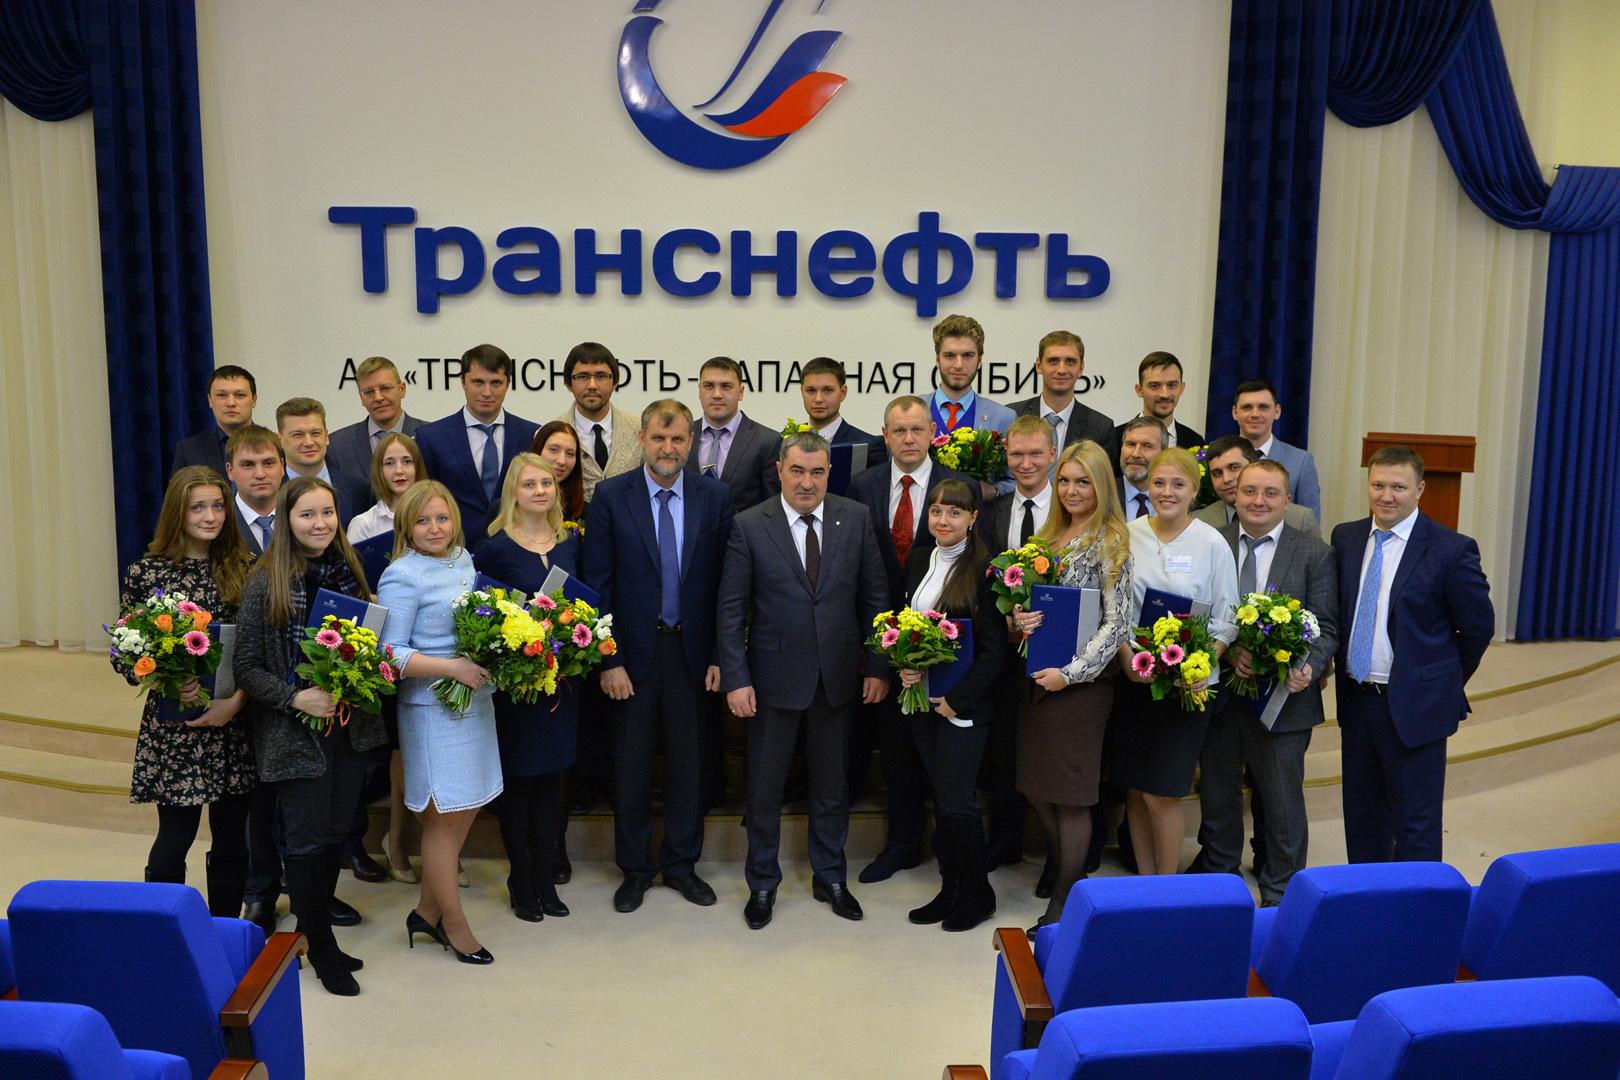 Победители научно-технической конференции с руководством предприятия. Фото: Андрей Кудрявцев